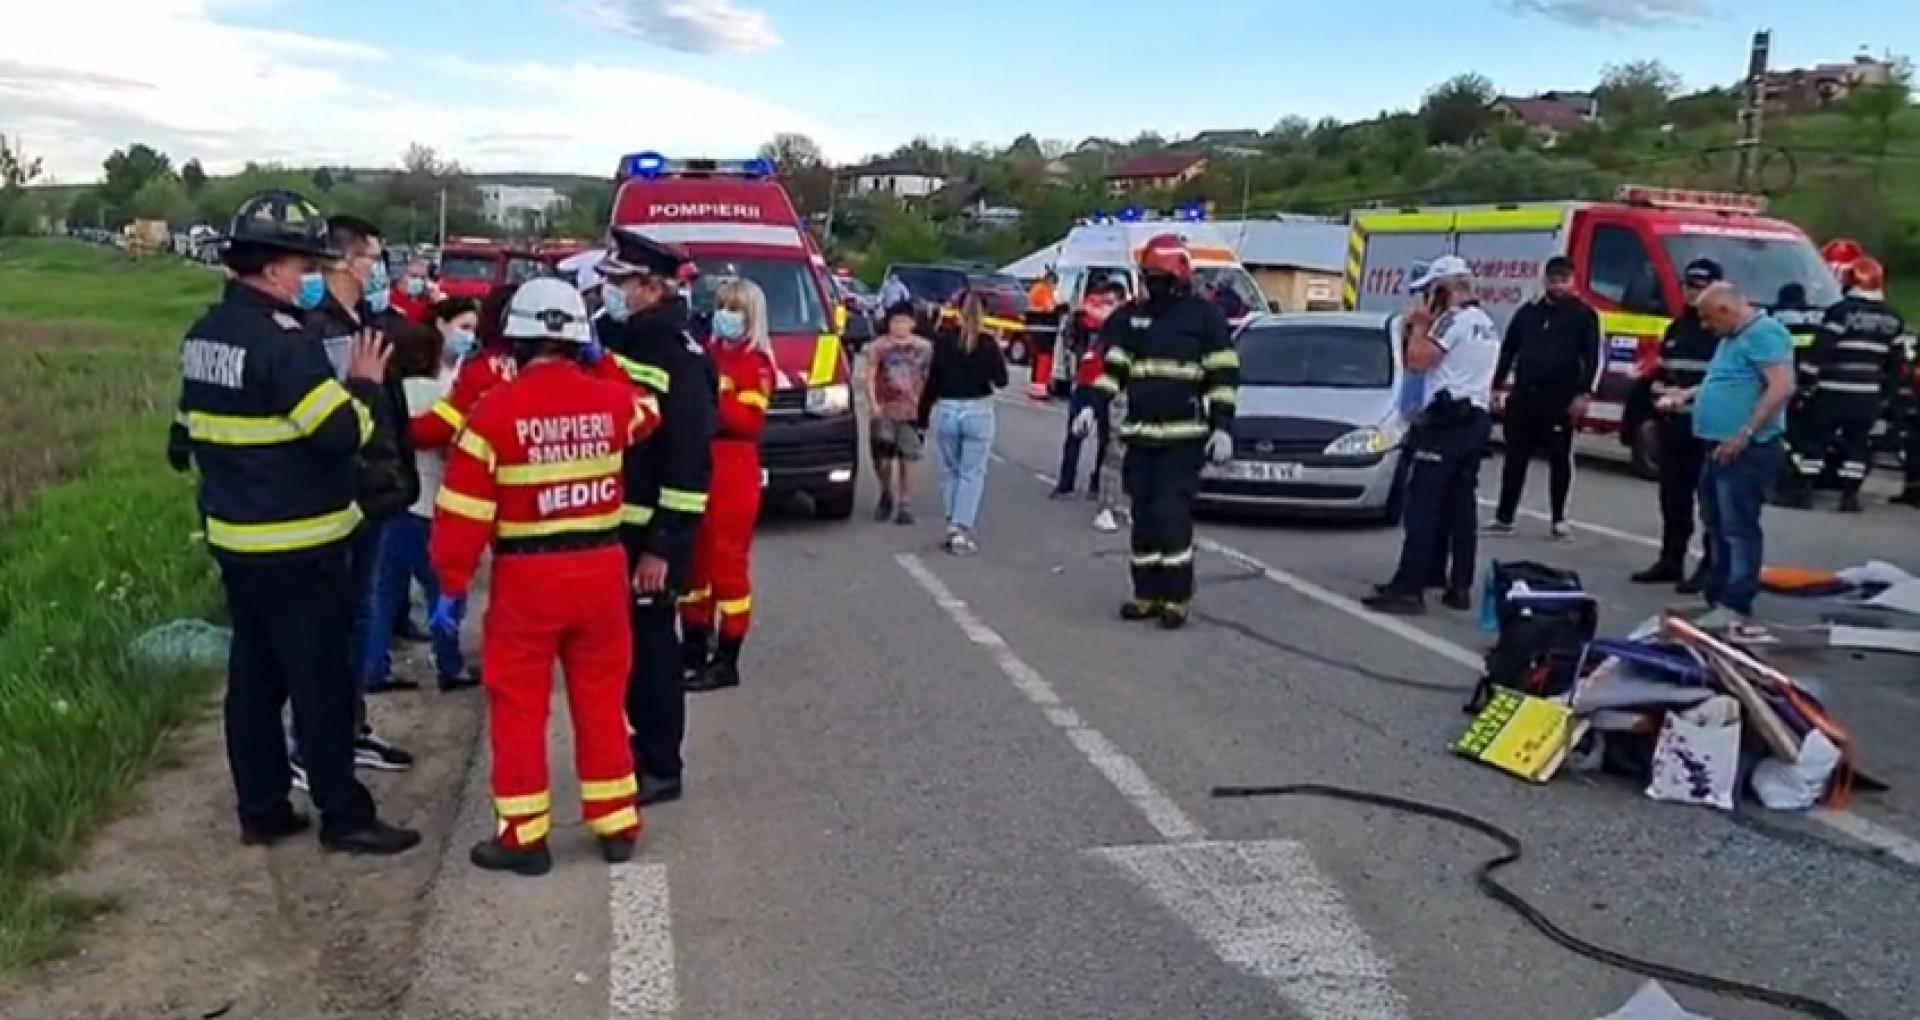 VIDEO/ Plan roșu de intervenție. 17 cetățeni ai R. Moldova, implicați într-un accident grav în județul Iași, anunță autoritățile de la Chișinău